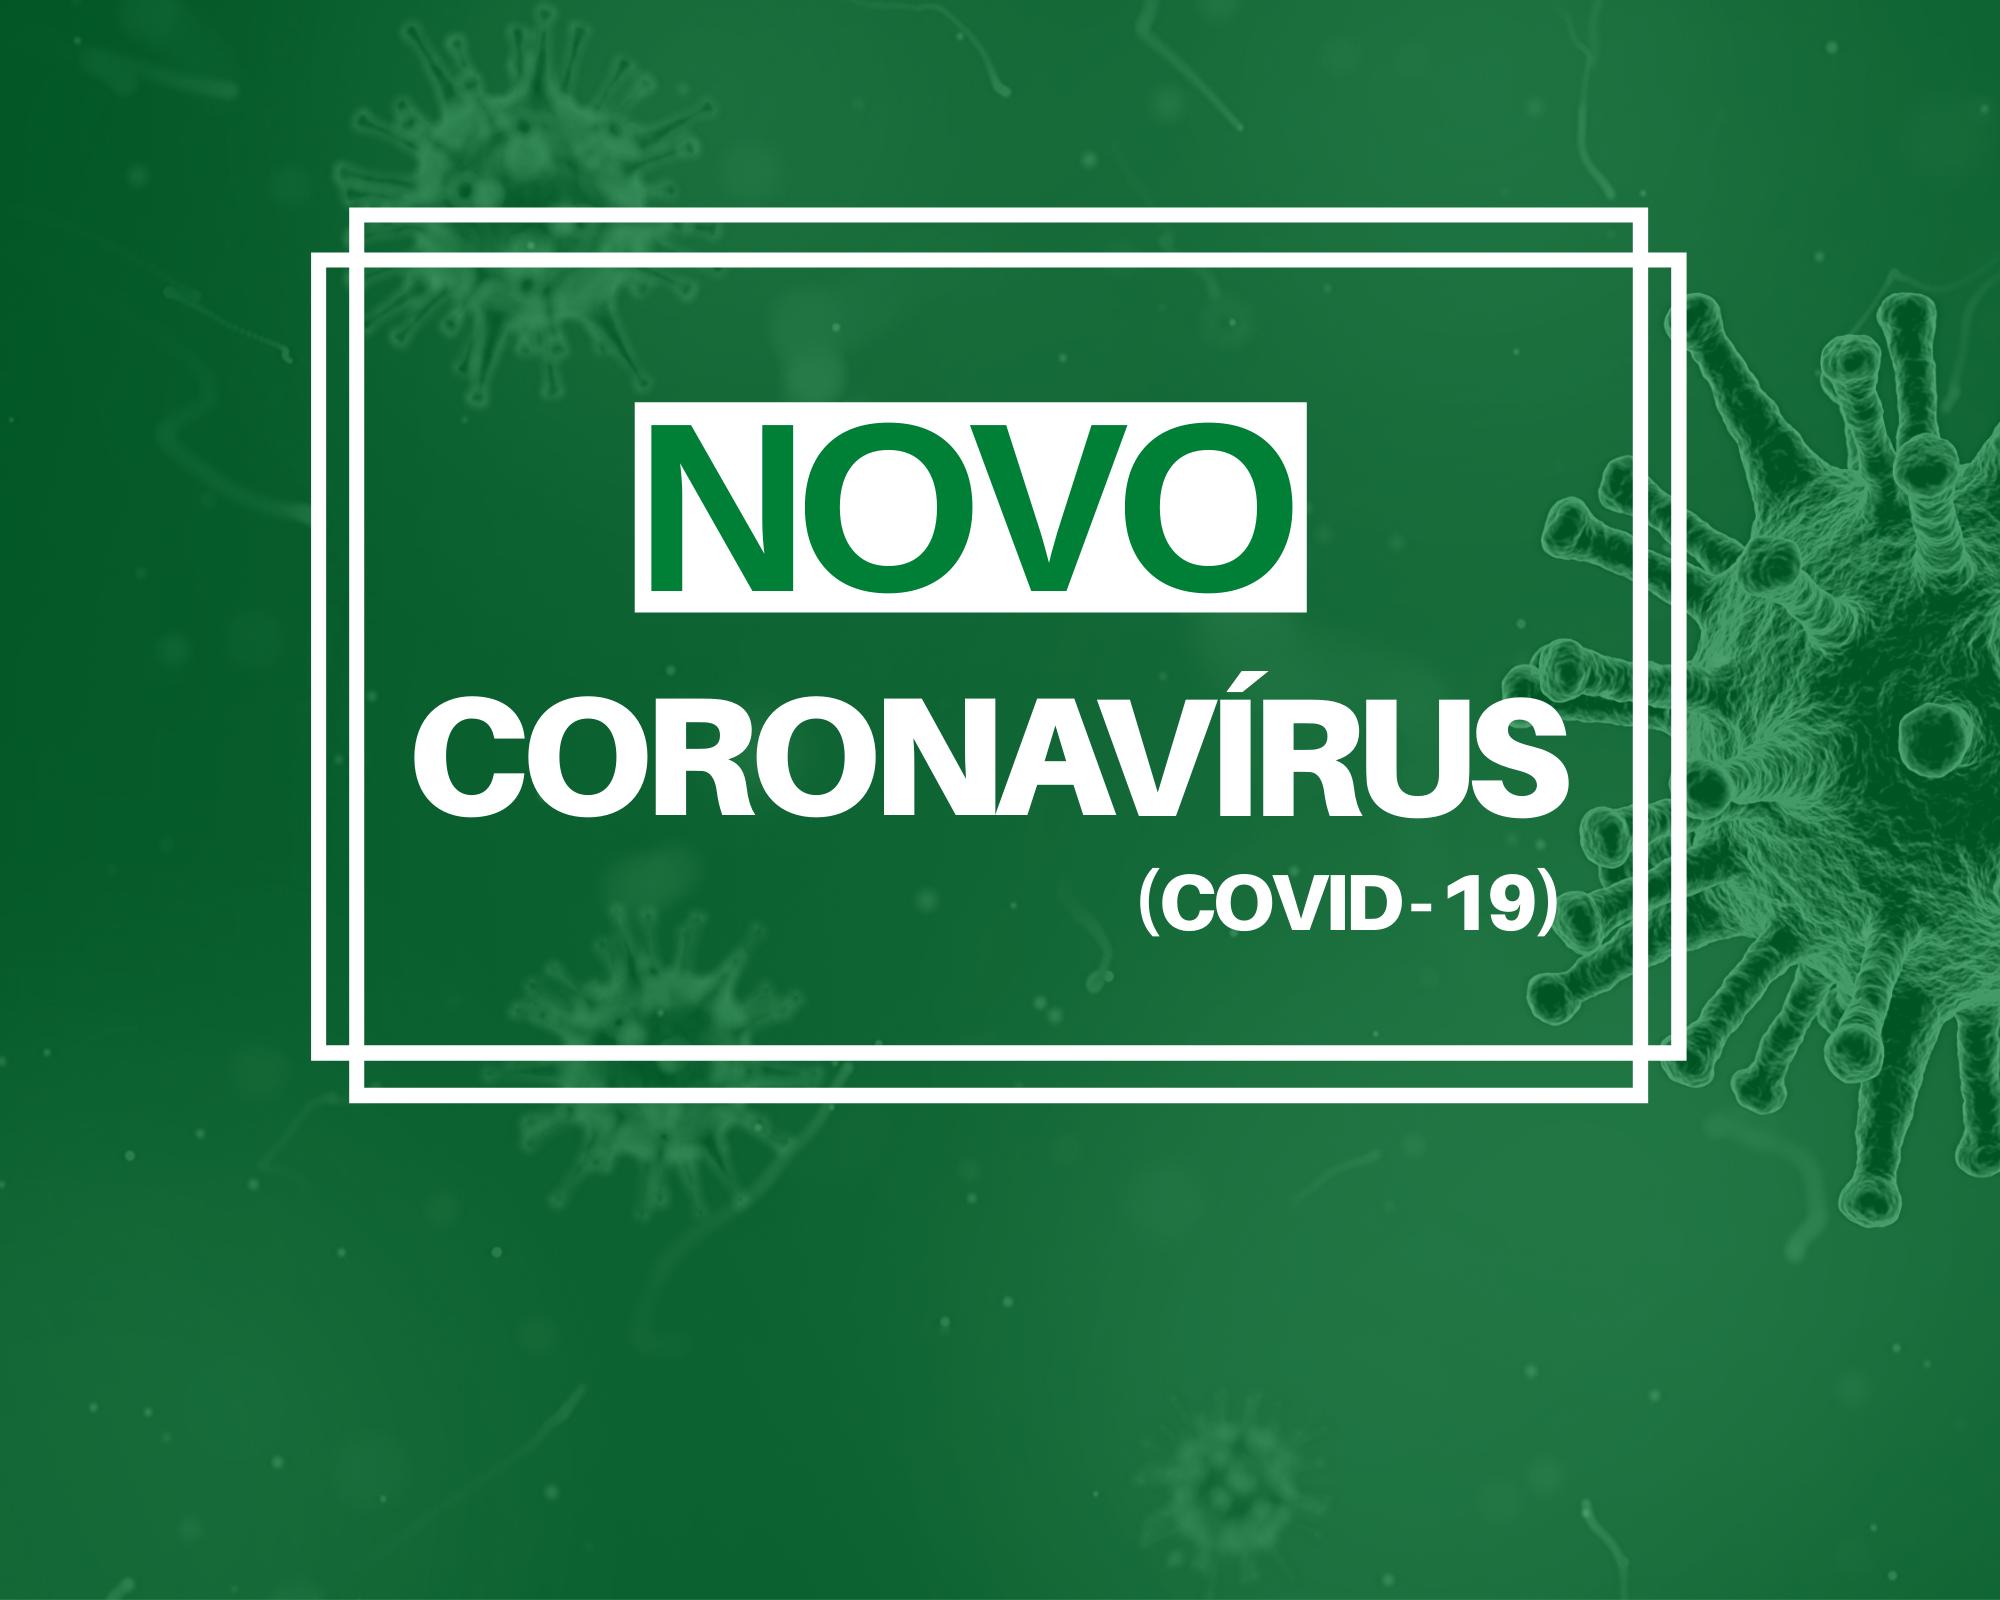 Secretarias da Educação e da Saúde emitem recomendações sobre prevenção ao coronavírus